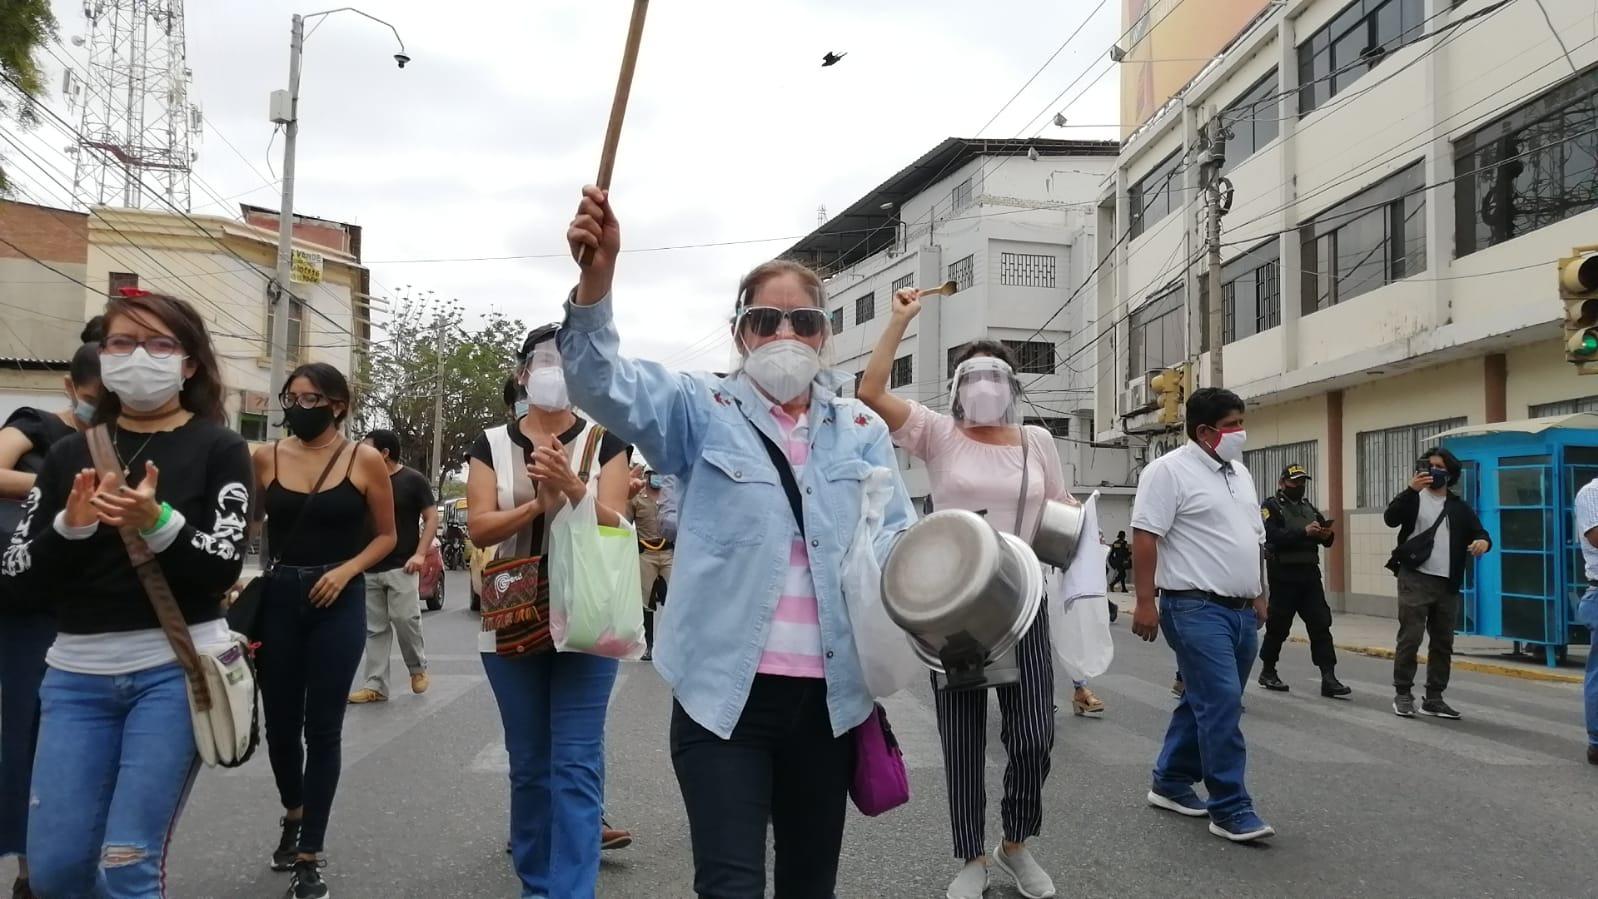 Un grupo de protestantes se concentró en la Plazuela Merino donde fueron impedidos por la Policía de tomar la principal avenida Sánchez Cerro.